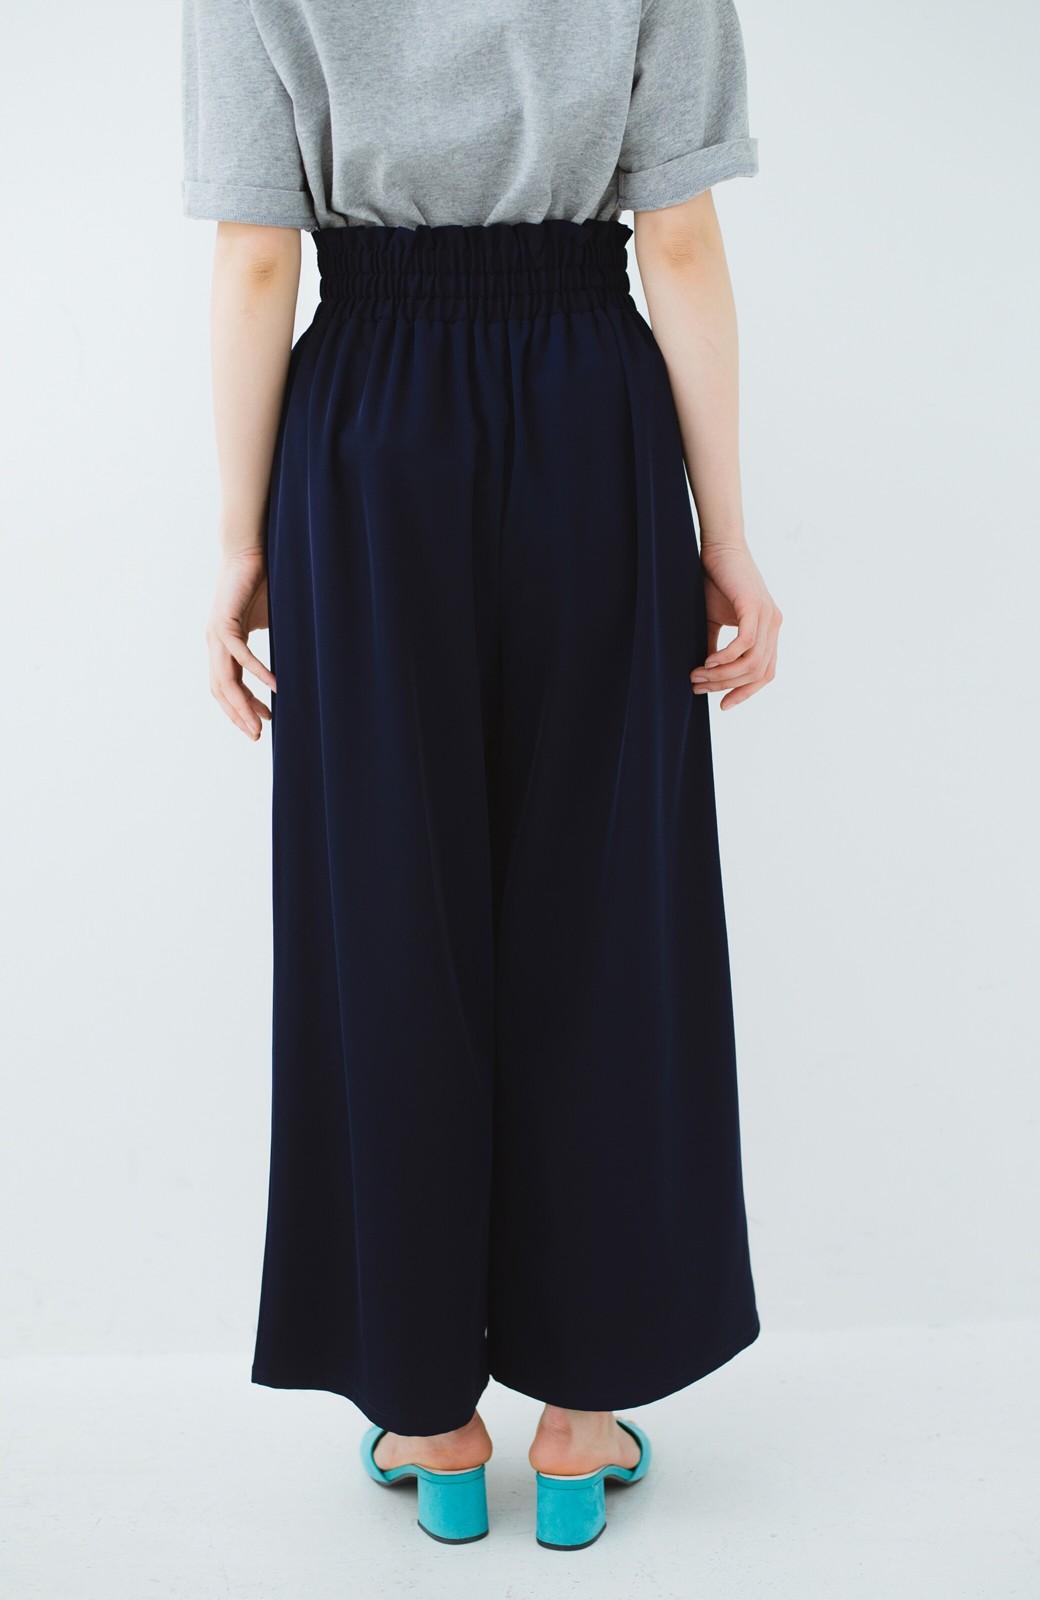 haco! 【スタッフスペシャルセット】ギリギリ女子ミオの夏のコーデに便利!手持ちのTシャツといけるんちゃうかセット  <その他>の商品写真18